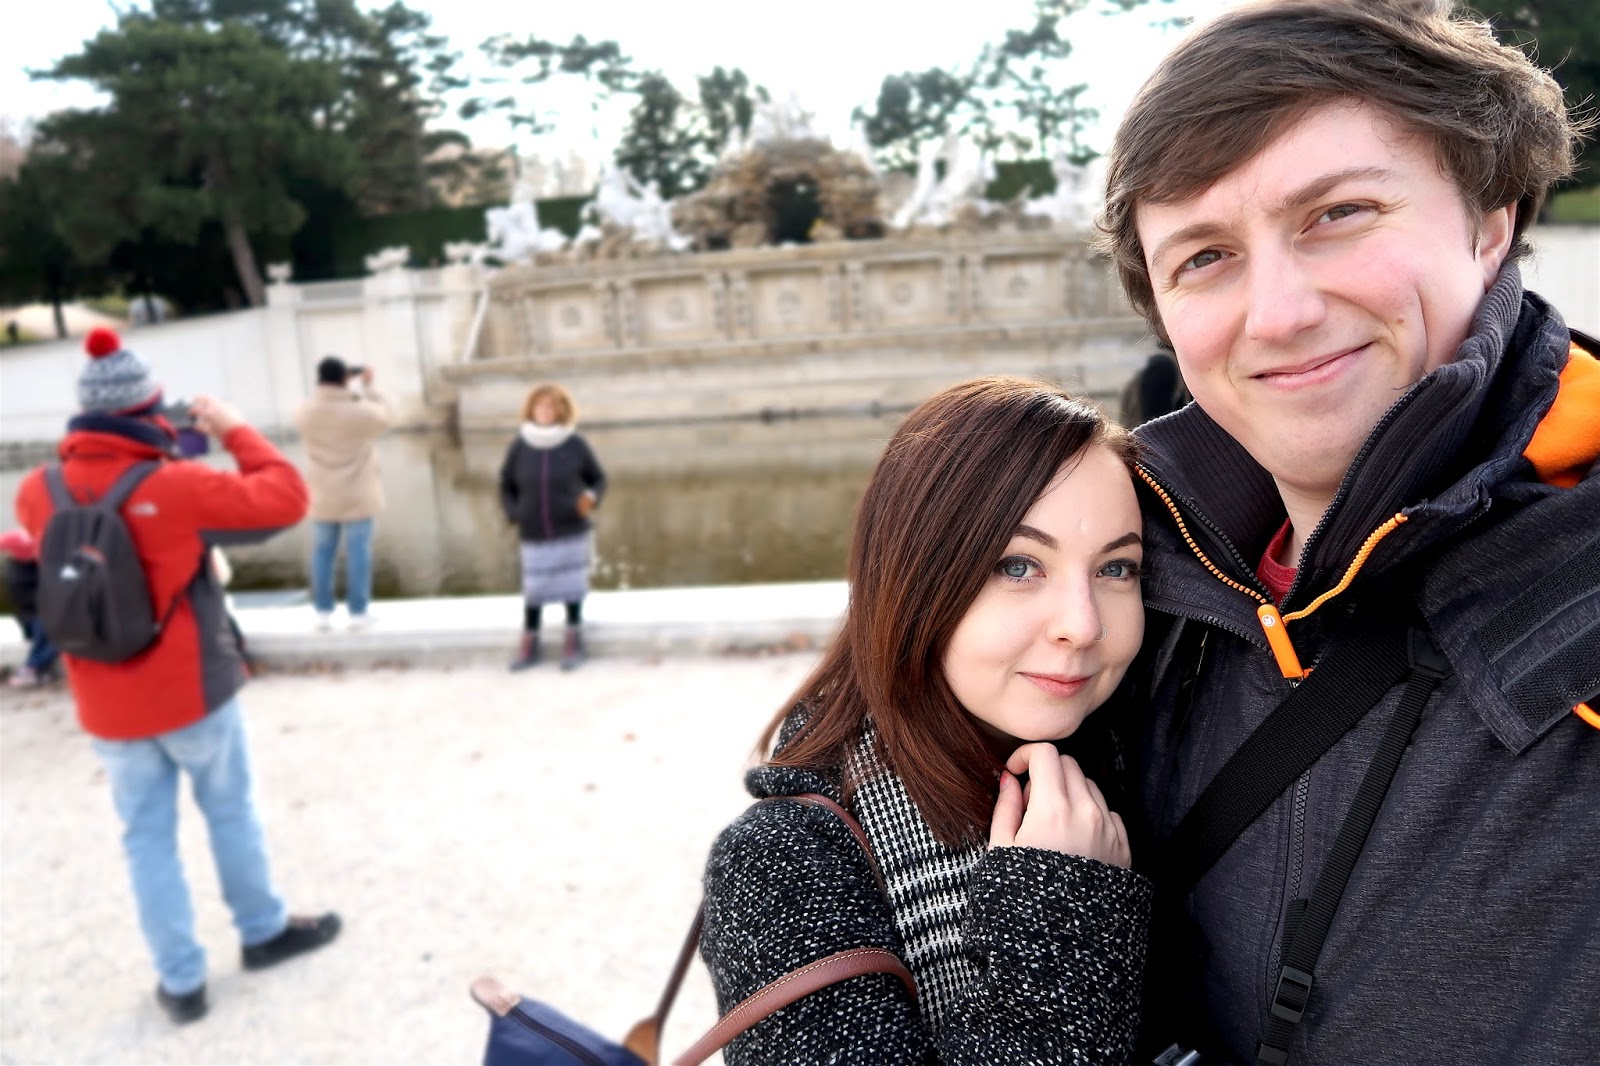 couple next to fountain